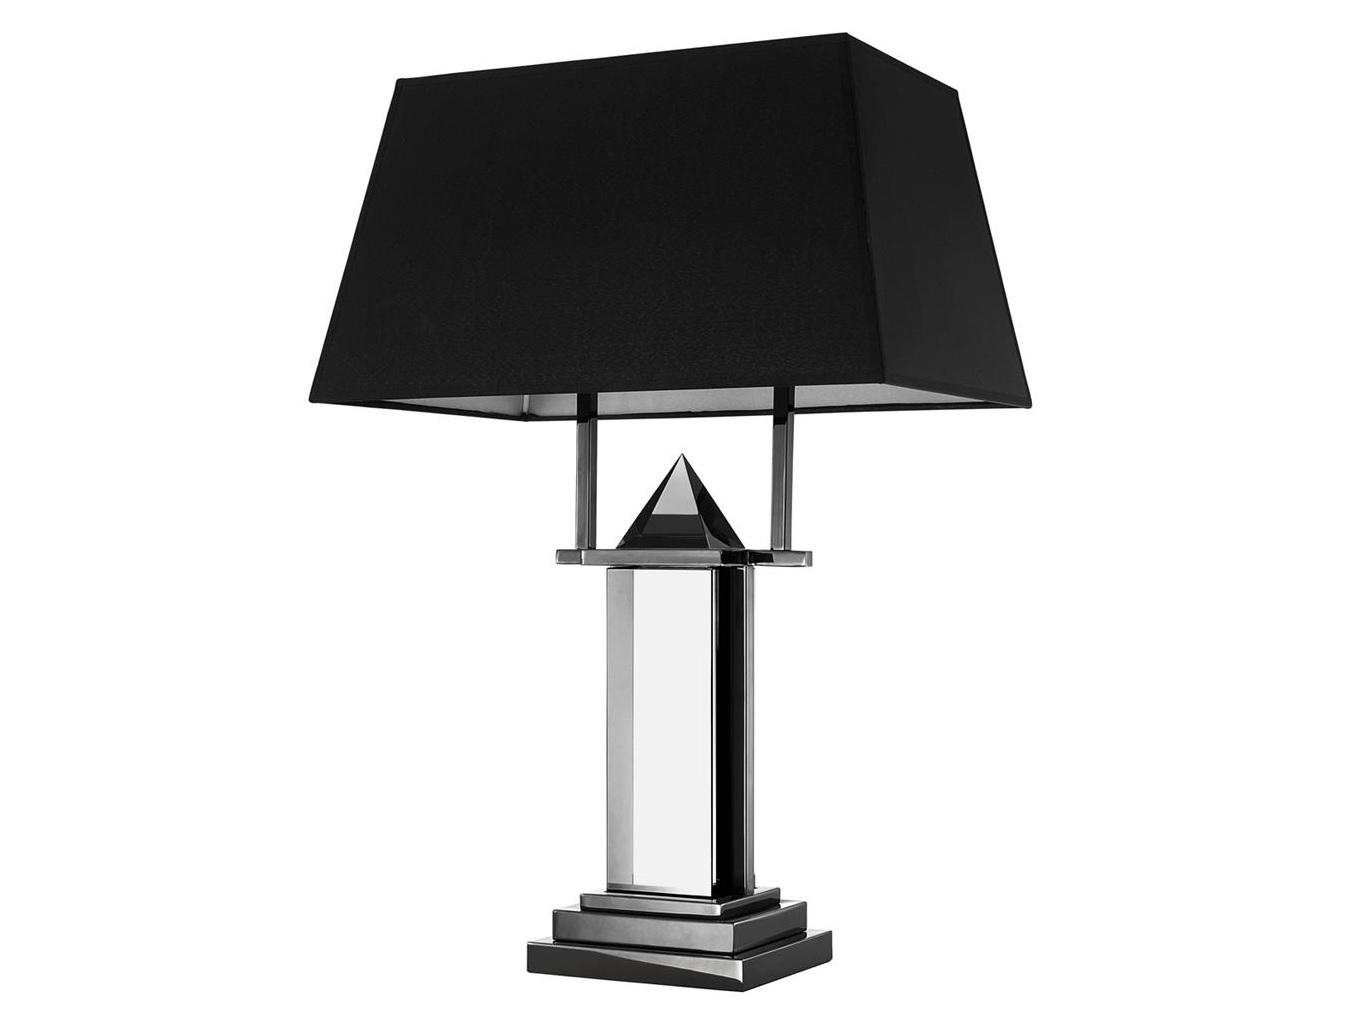 Настольная лампа Table Lamp NobuДекоративные лампы<br>&amp;lt;div&amp;gt;Вид цоколя: E27&amp;lt;br&amp;gt;&amp;lt;/div&amp;gt;&amp;lt;div&amp;gt;&amp;lt;div&amp;gt;Мощность: 60W&amp;lt;/div&amp;gt;&amp;lt;div&amp;gt;Количество ламп: 2 (нет в комплекте)&amp;lt;/div&amp;gt;&amp;lt;/div&amp;gt;<br><br>Material: Металл<br>Width см: 50<br>Depth см: 24<br>Height см: 74